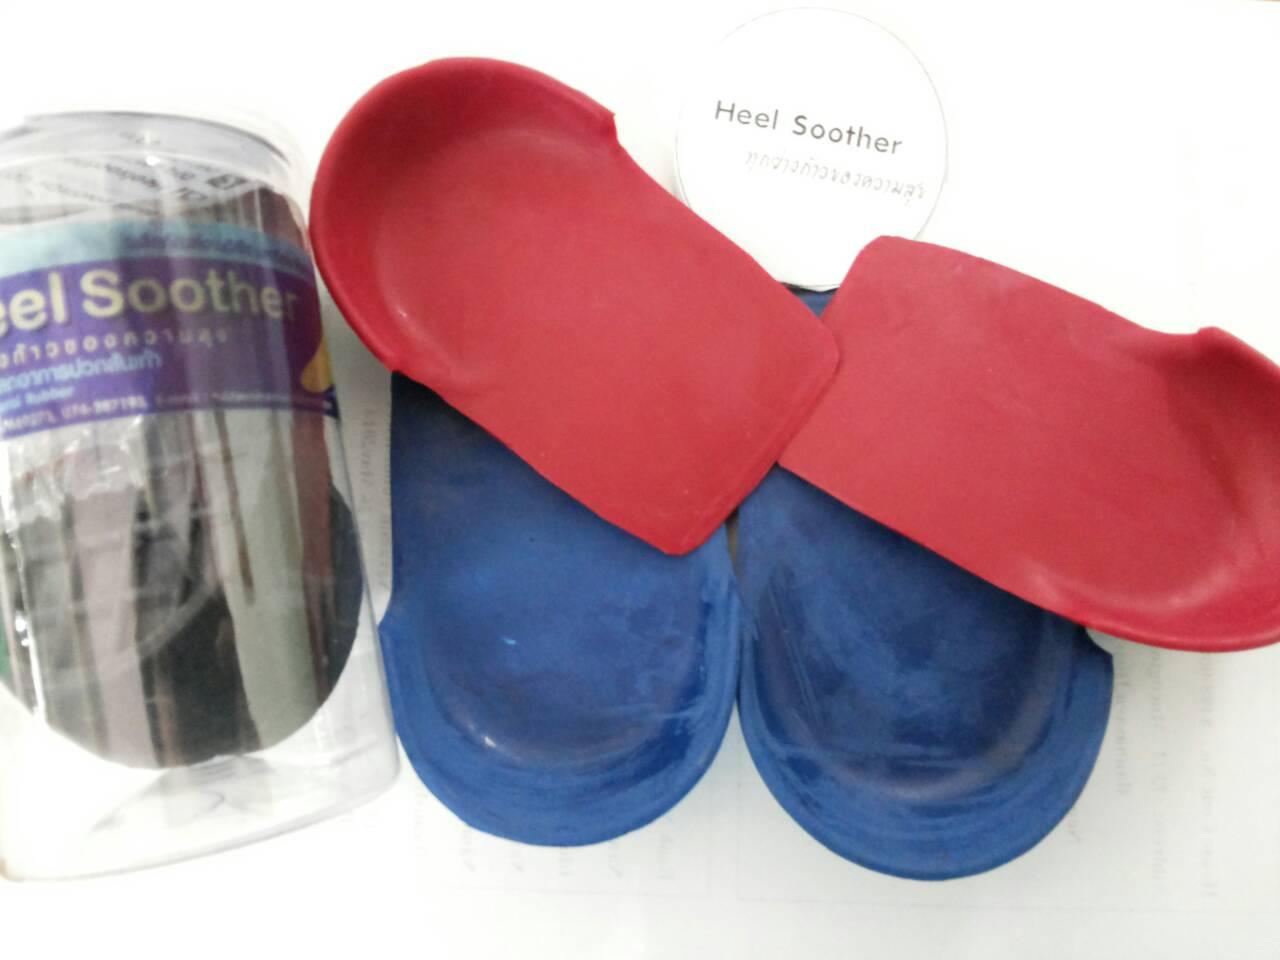 ยางรองส้นเท้าทำจากยางพาราแท้ (Heel-care made from Natural Rubber)